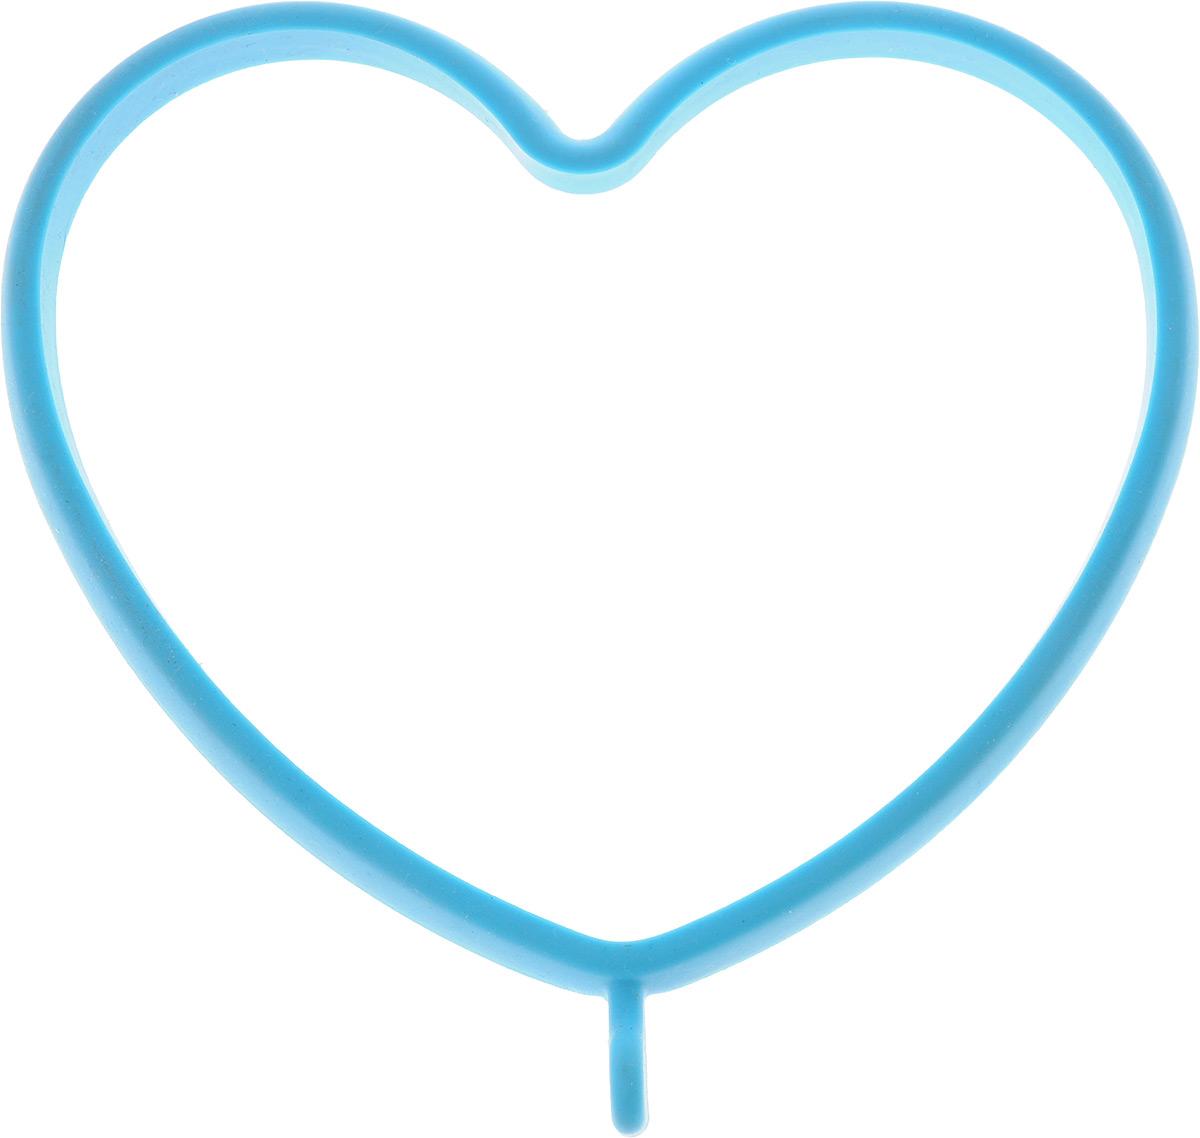 Форма для яичницы Oursson Сердце, цвет: голубой, 13,5 х 13 смAFS029Форма для яичницы Oursson Сердце, выполненная из жаростойкого силикона, подходит для приготовления яичницы, омлета, оладий. Она добавит оригинальности обычным блюдам и особенно понравится детям. Форма не повреждает антипригарное покрытие сковород. Выдерживает температуру от -20°С до +220°С. Для получения идеального результата рекомендуется использовать ее на ровной поверхности сковороды.